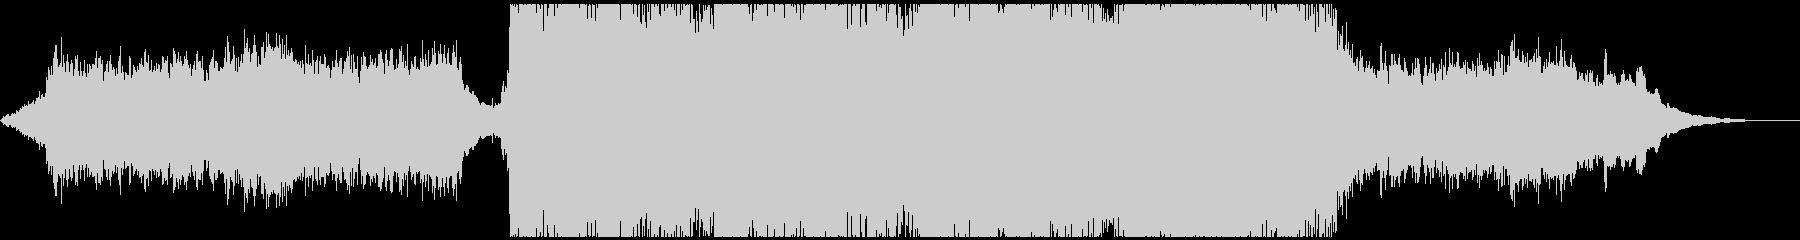 【ハリウッド映画音楽】緊張感あるBGMの未再生の波形